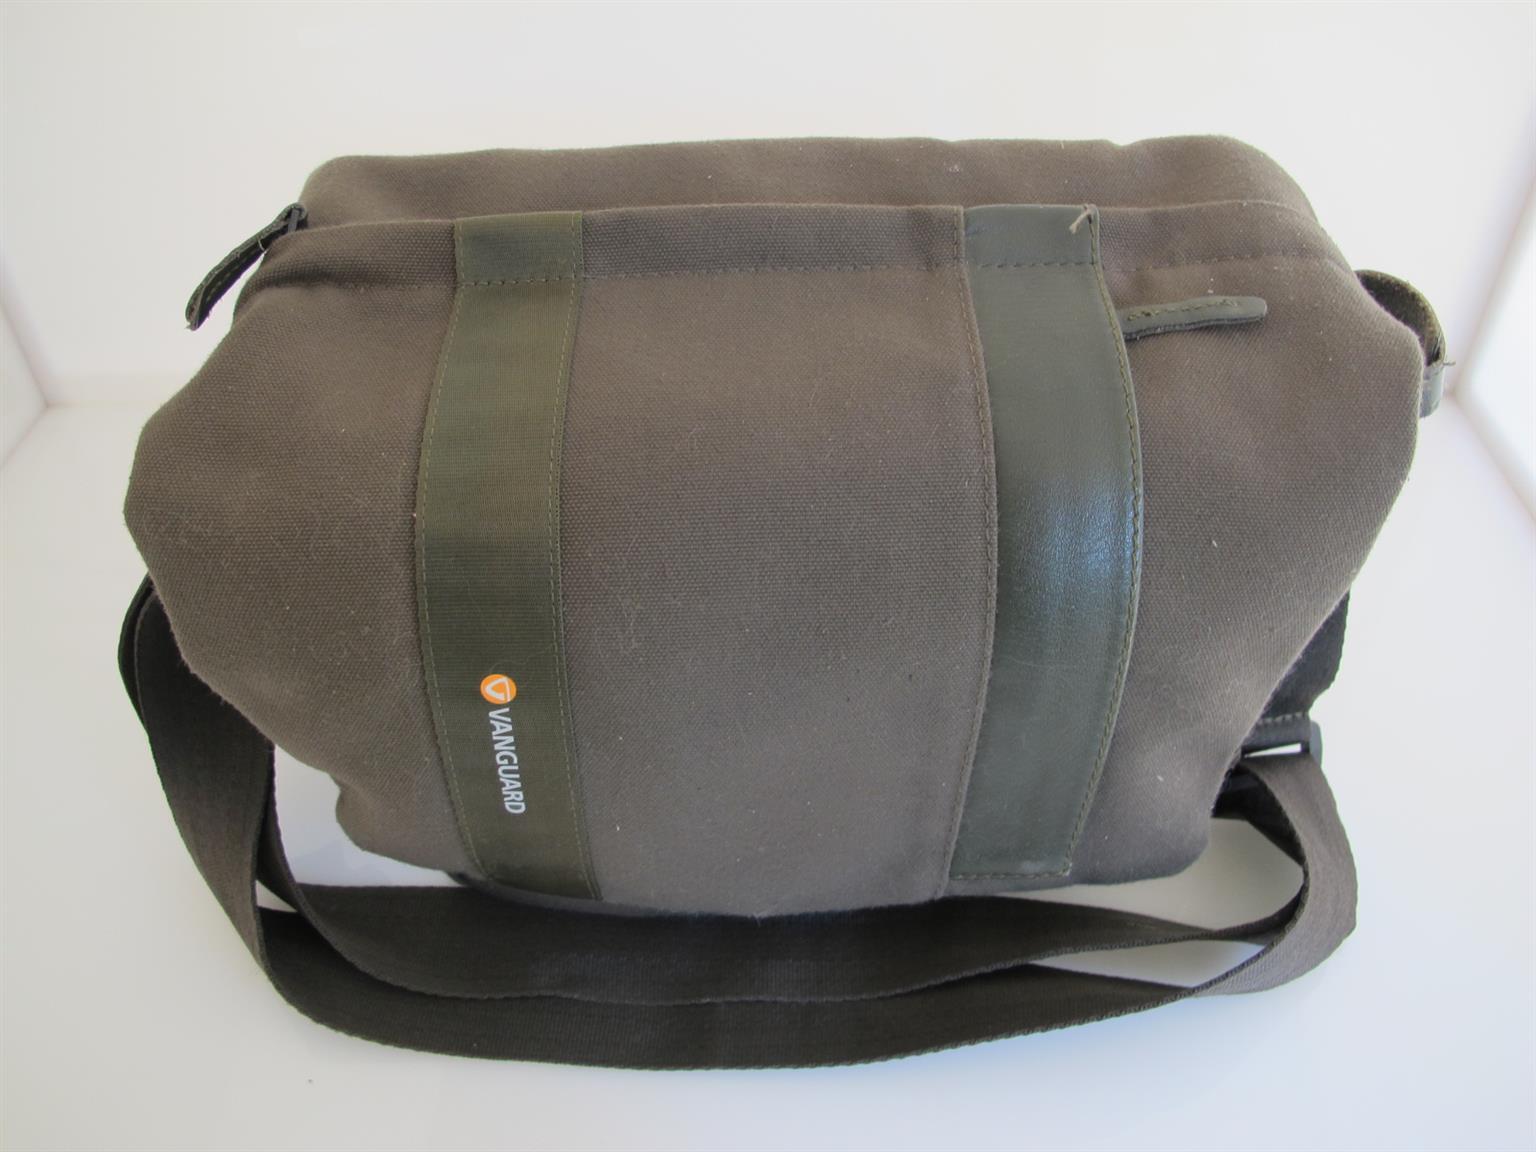 Vanguard Lange Camera shoulder bag LIKE NEW